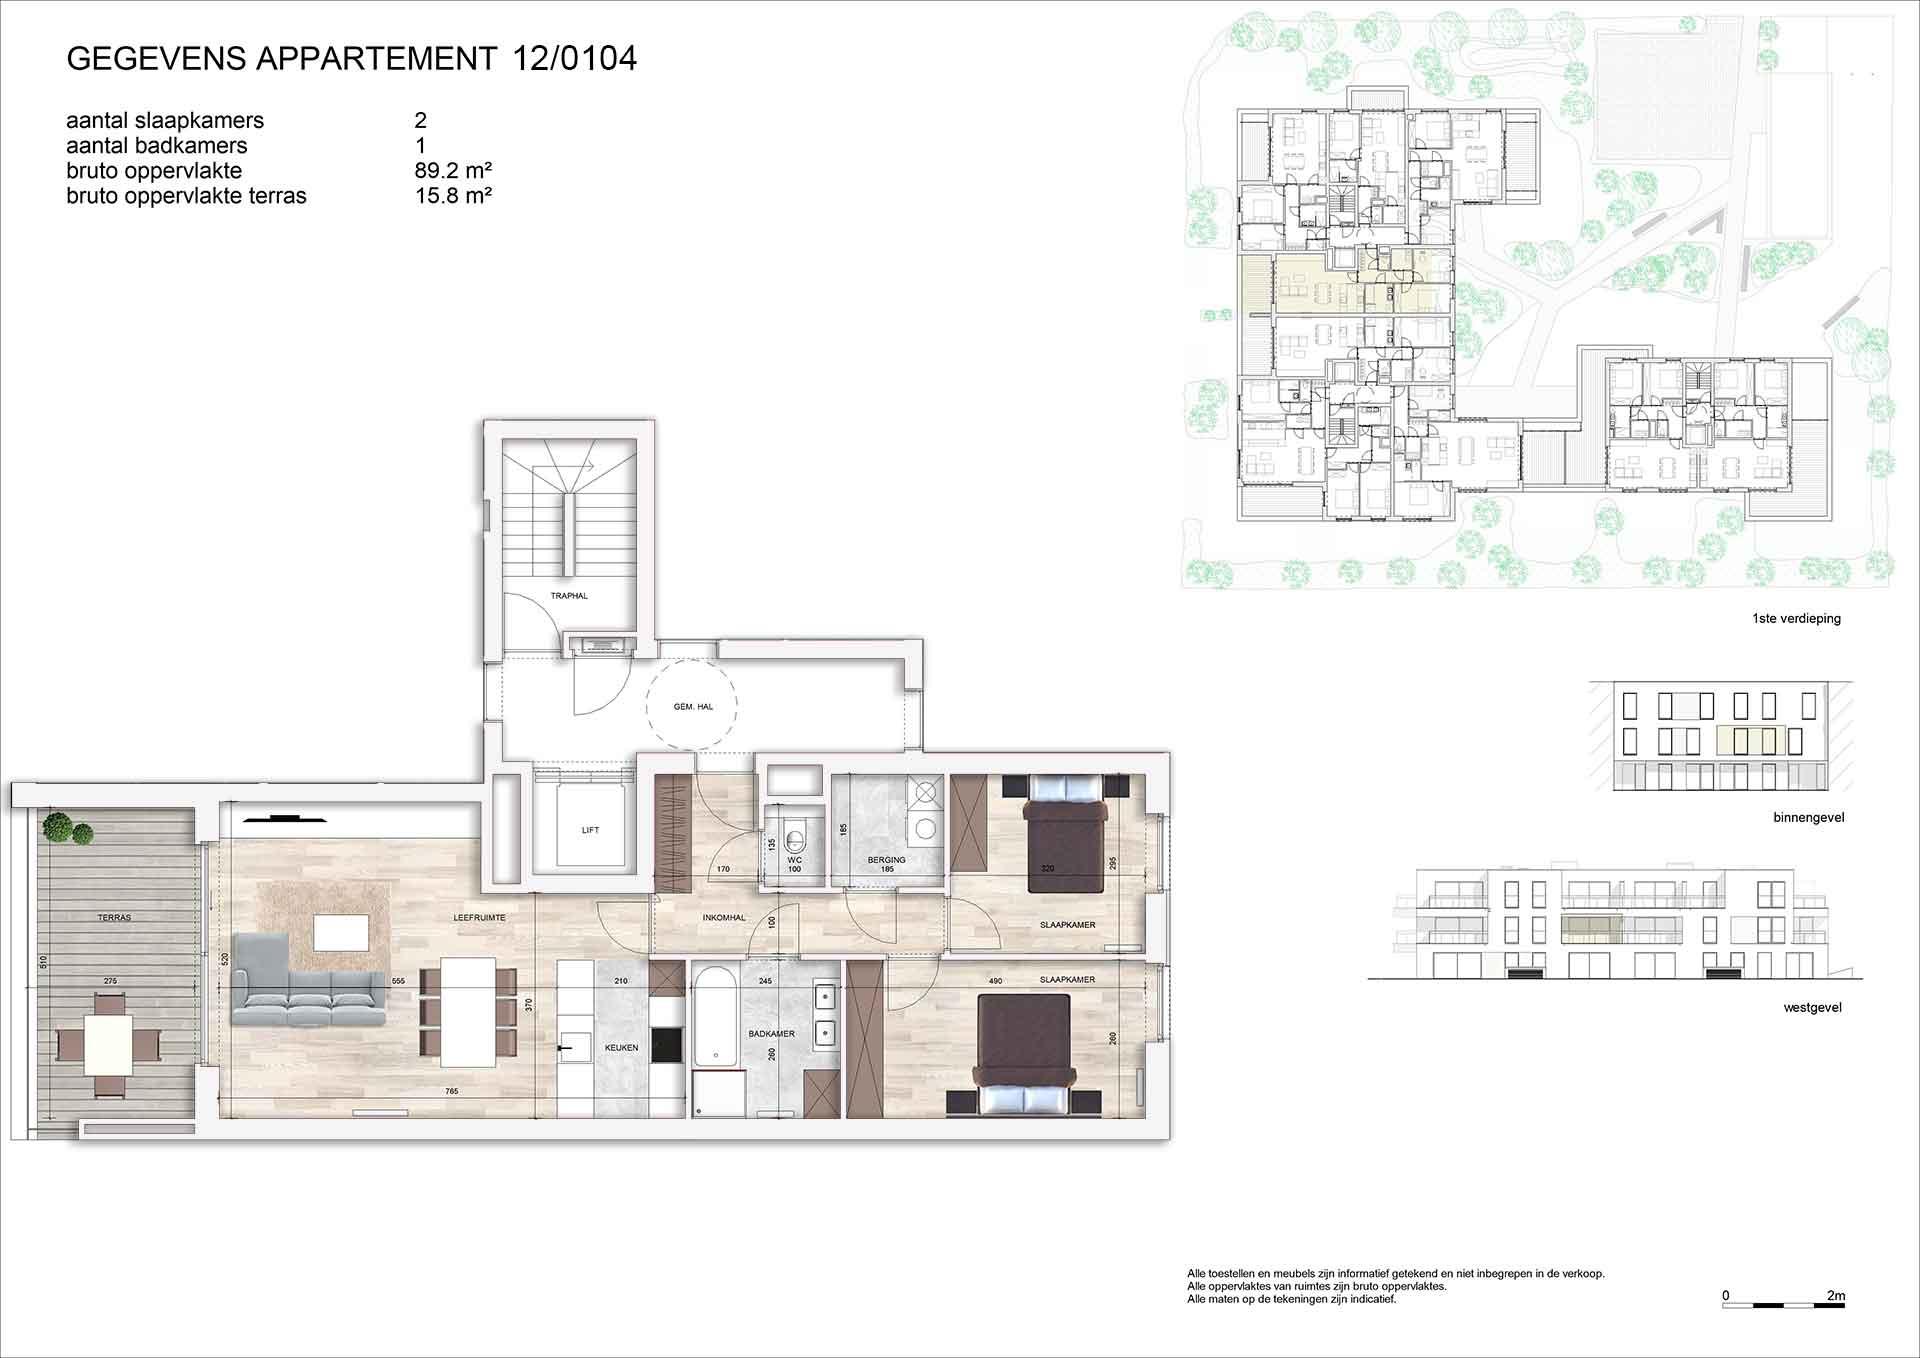 Villa<br/> Duchamp - image appartement-te-koop-nieuwpoort-villa-duchamp-120104 on https://hoprom.be